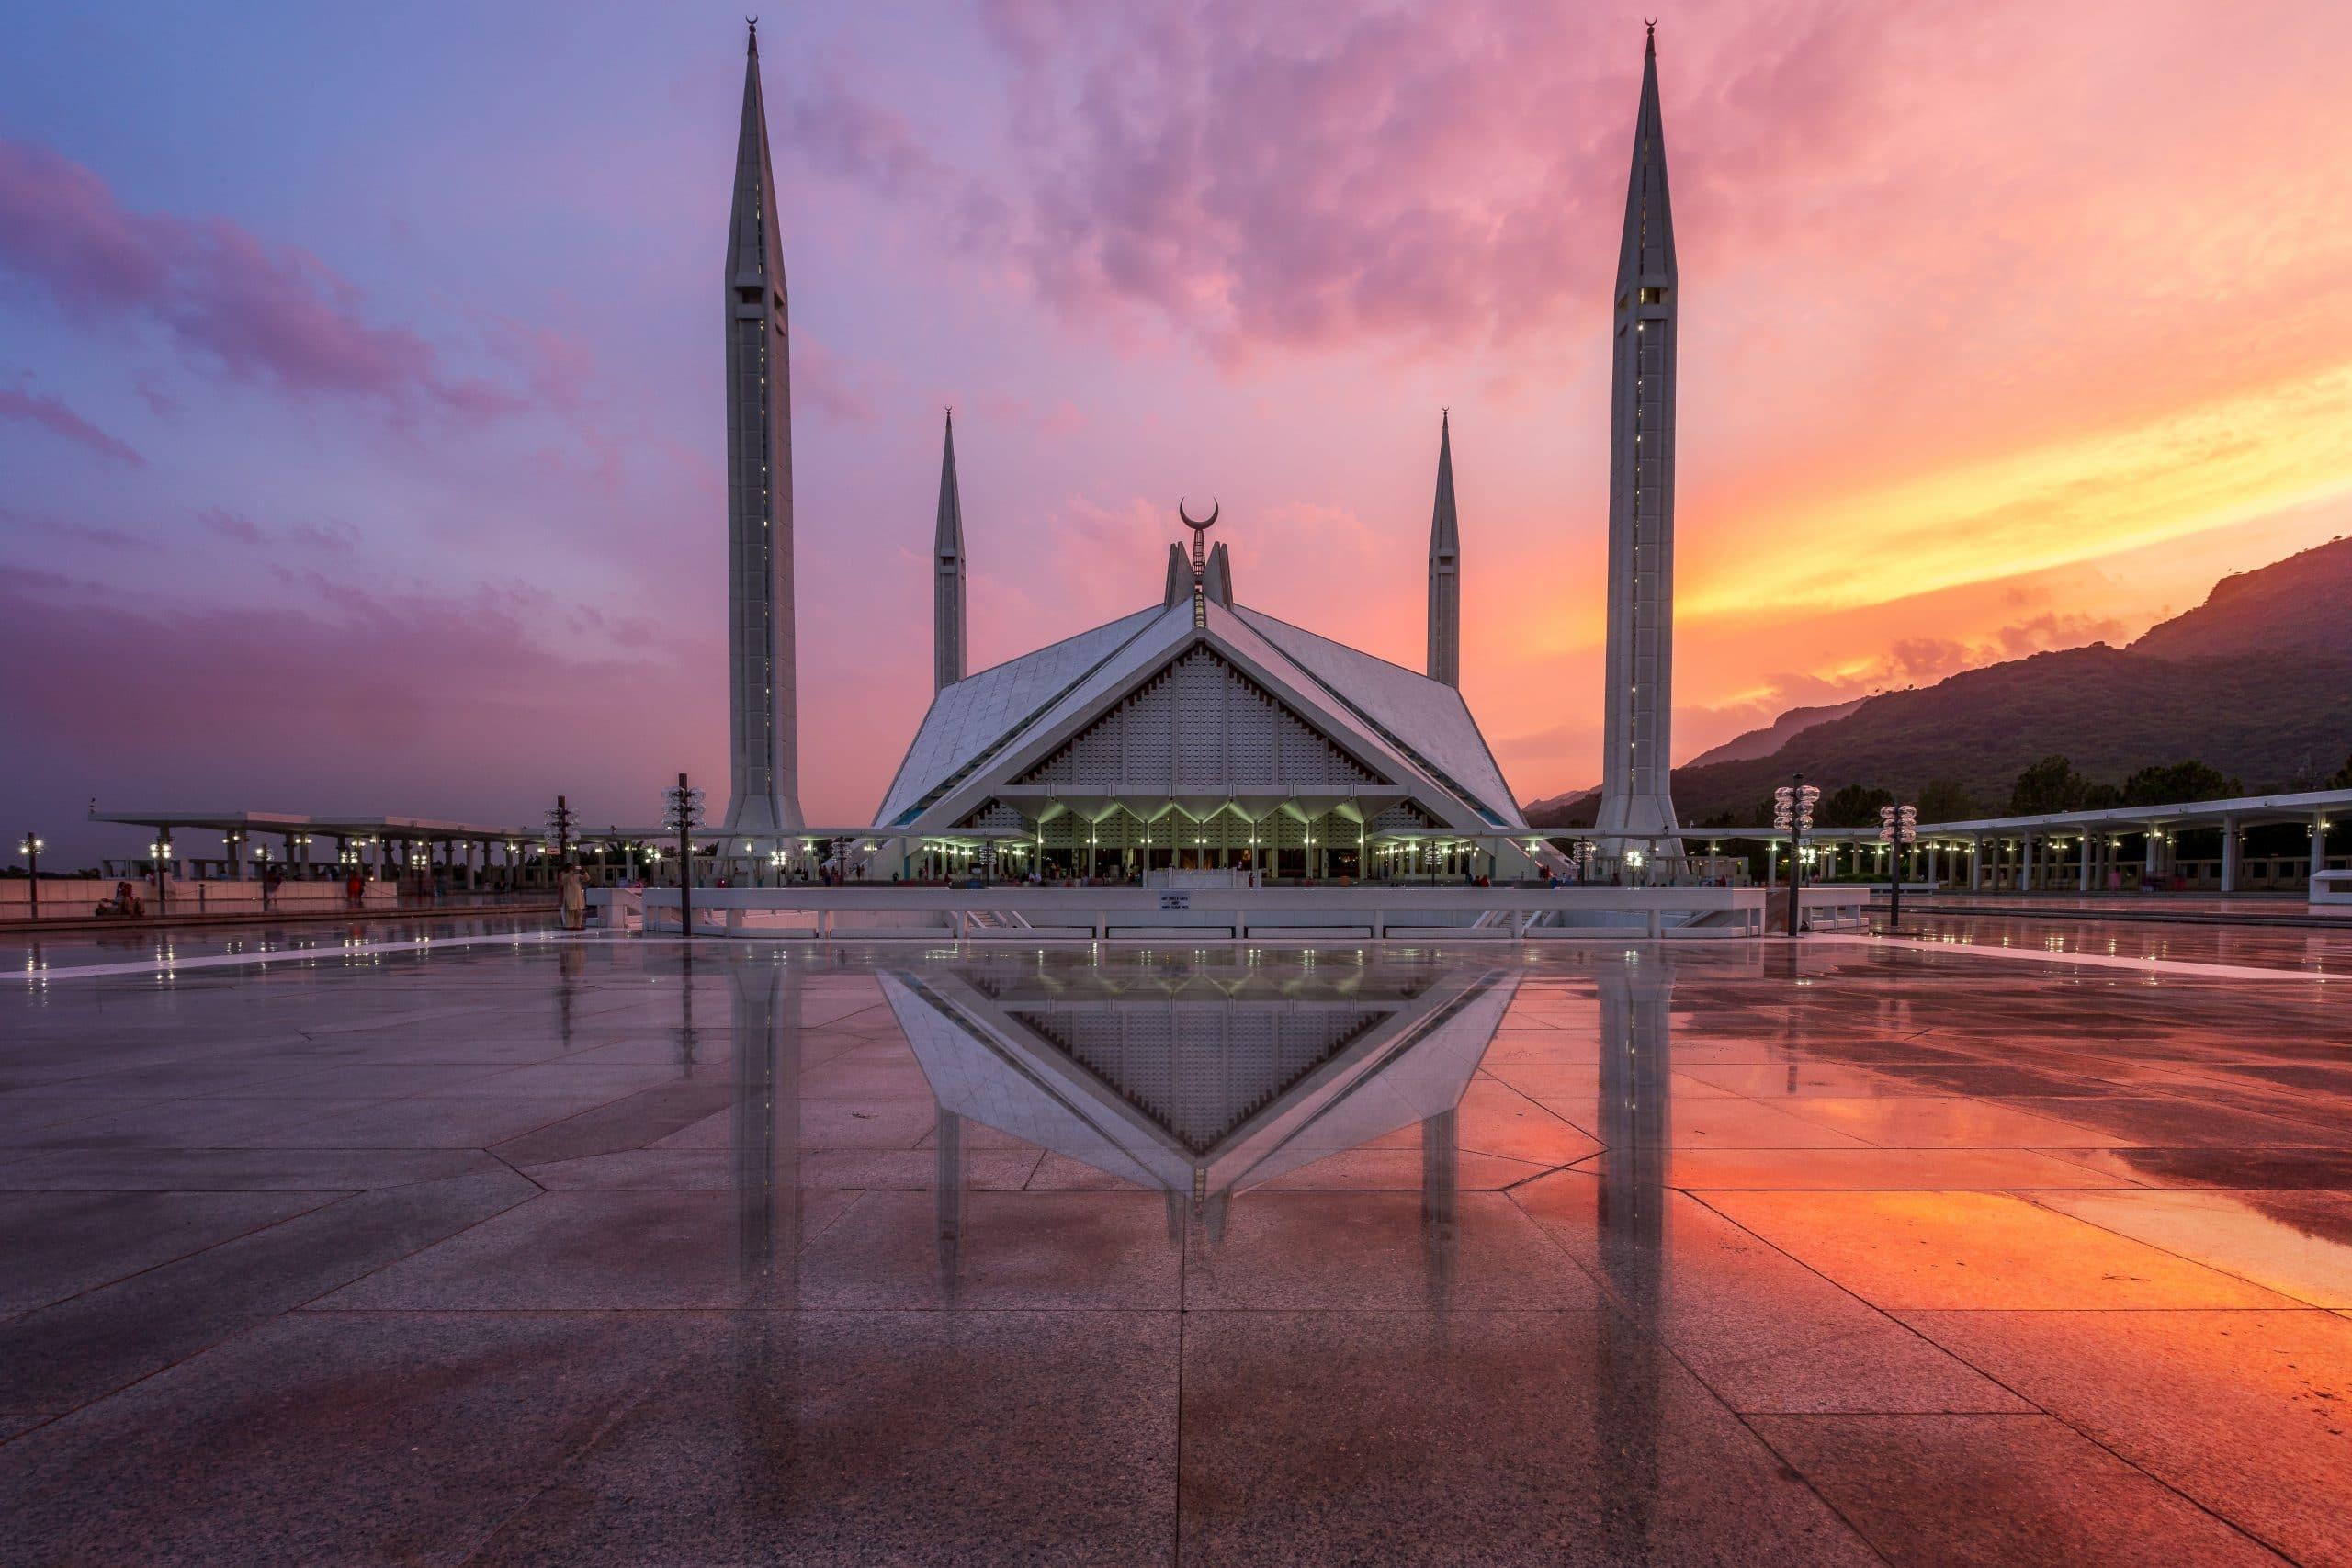 Pakistan masjid